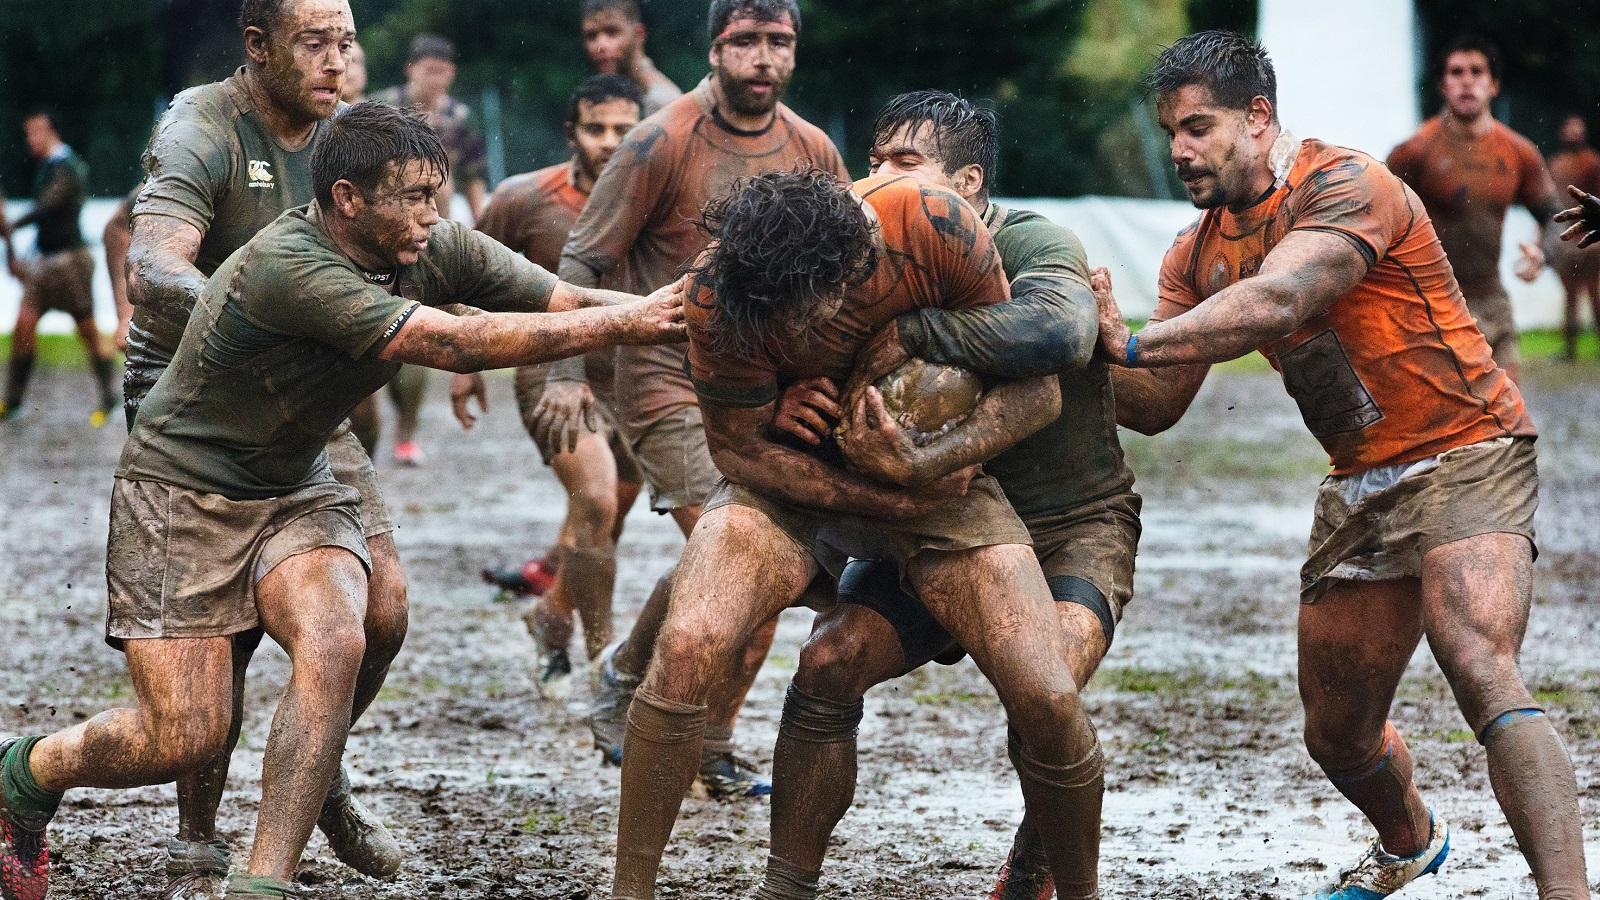 Le rugby fait-il de vous quelqu'un de meilleur ?